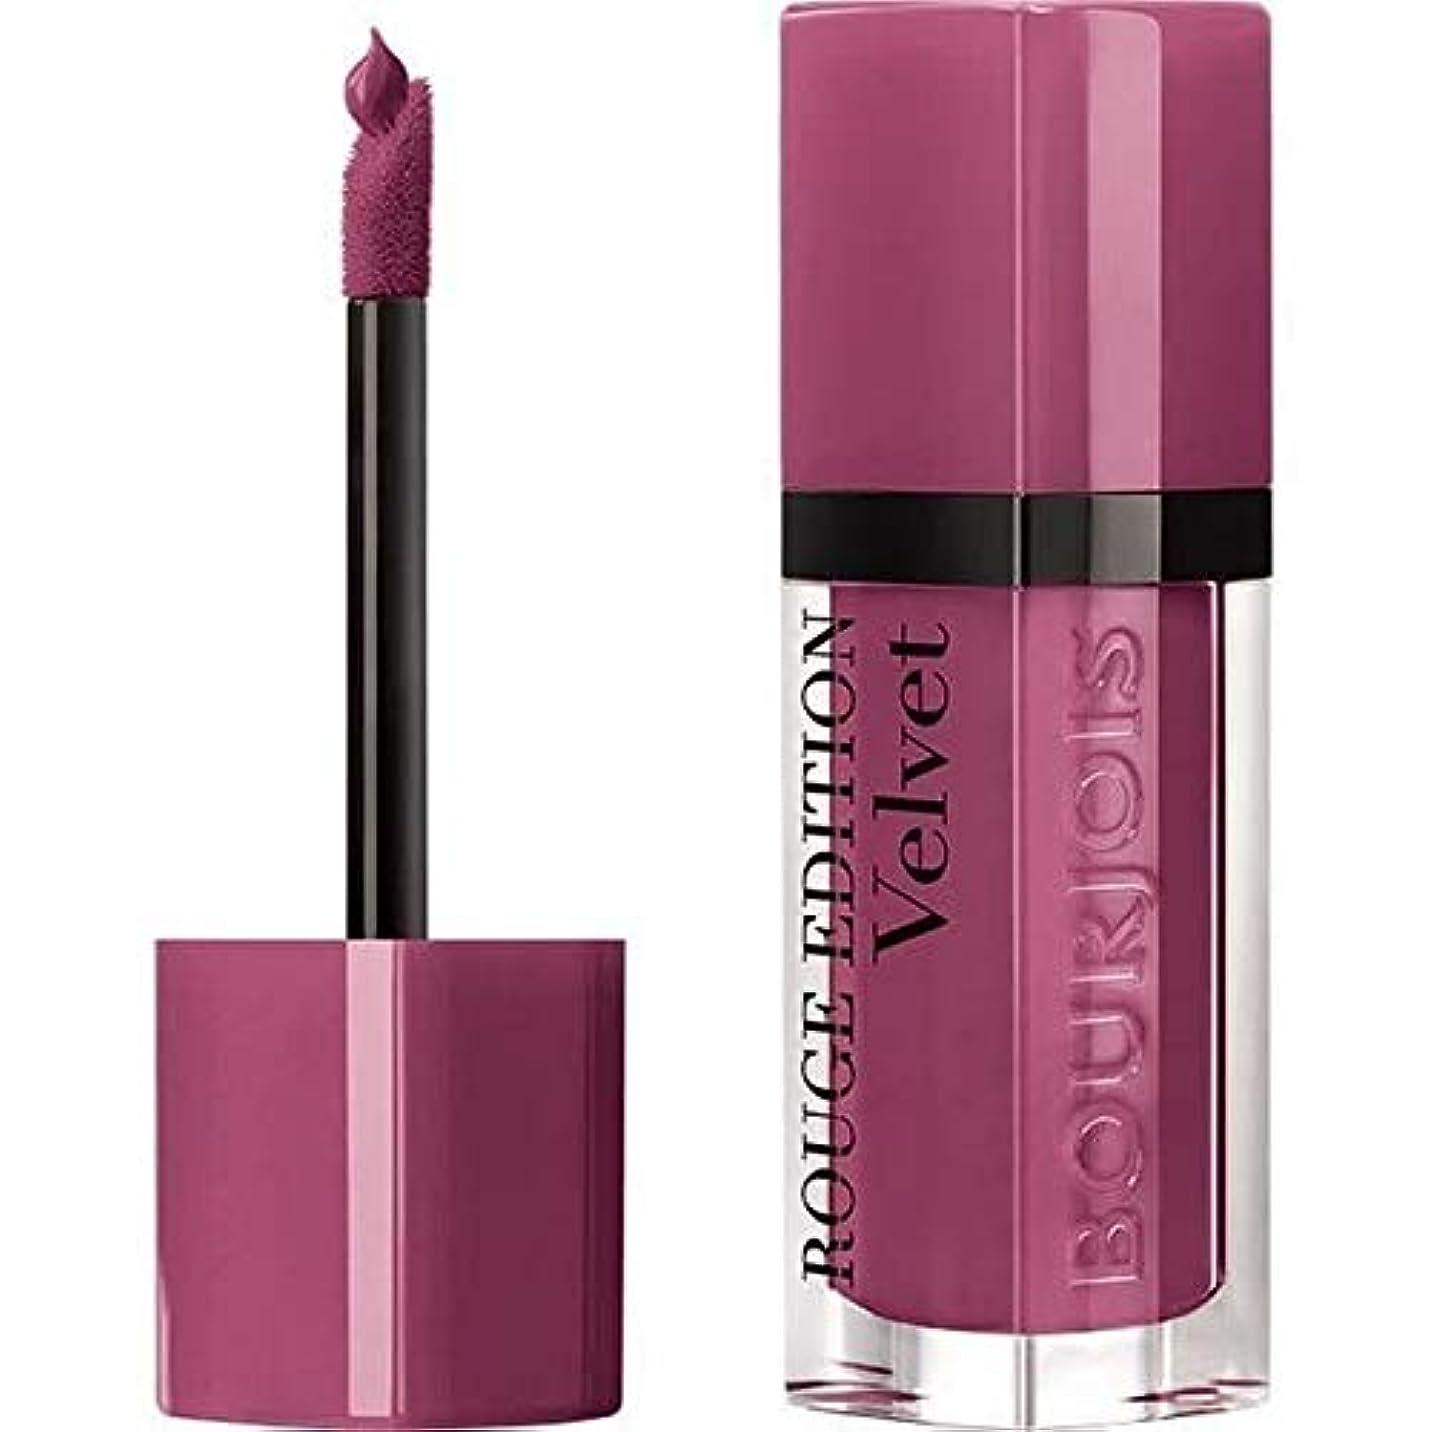 団結連鎖群集[Bourjois ] 藤色36でブルジョワ液状口紅ルージュ版のベルベット - Bourjois Liquid Lipstick Rouge Edition Velvet In Mauve 36 [並行輸入品]